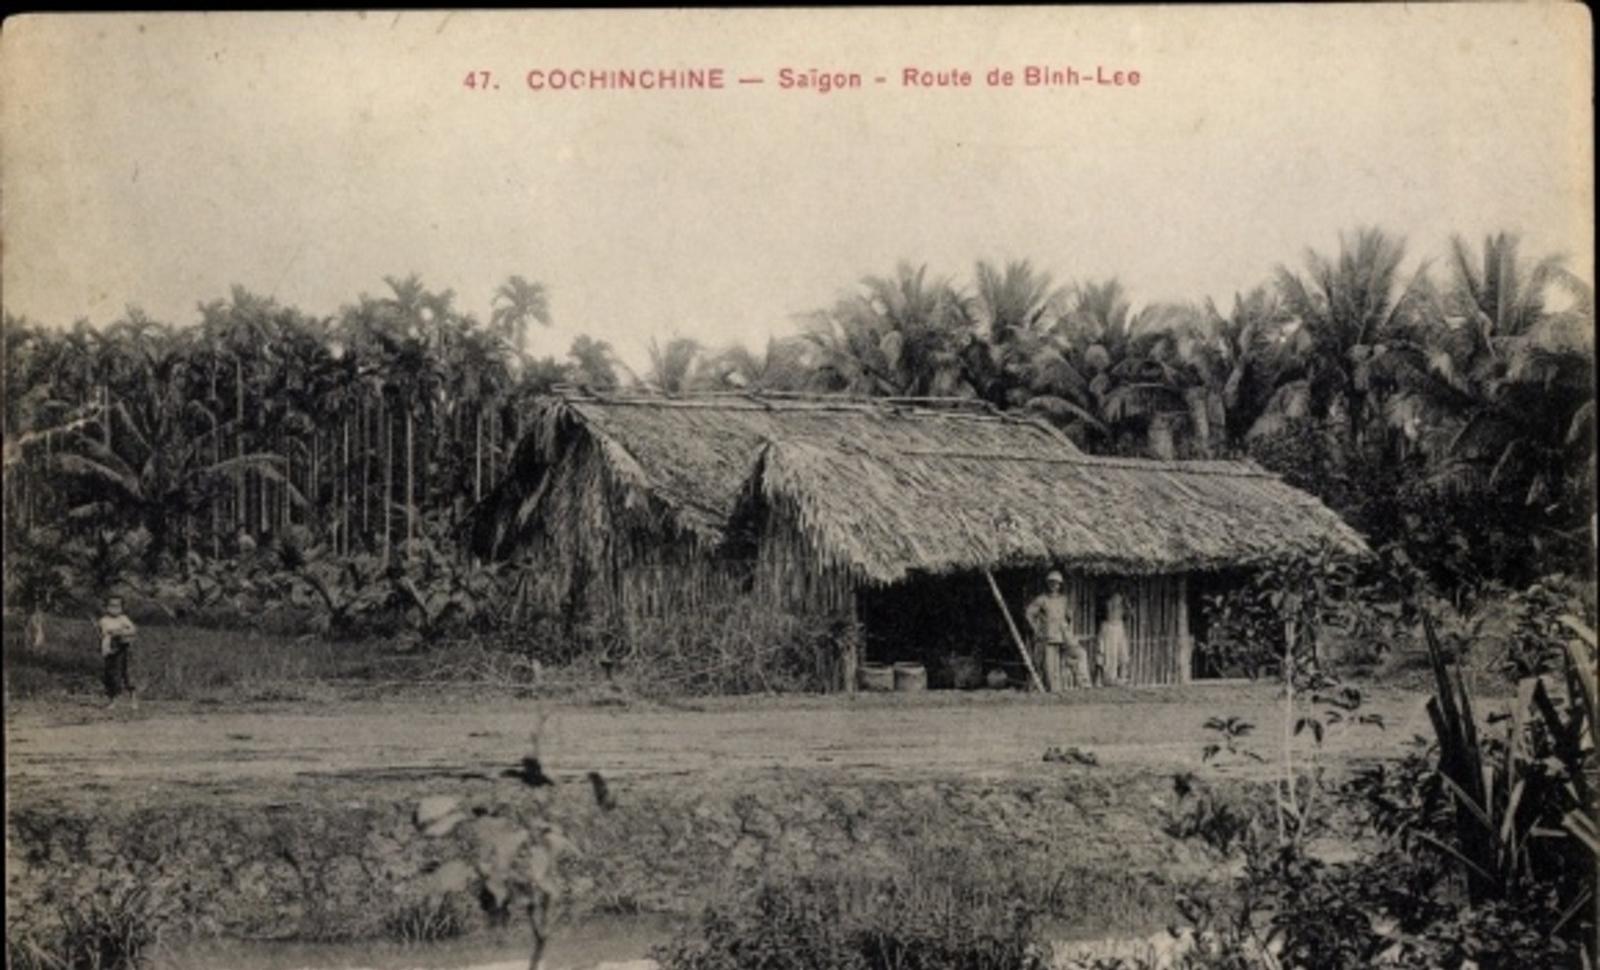 Hô Chi Minh-Ville -  Cp Saigon Cochinchine Vietnam, Route de Binh Lee